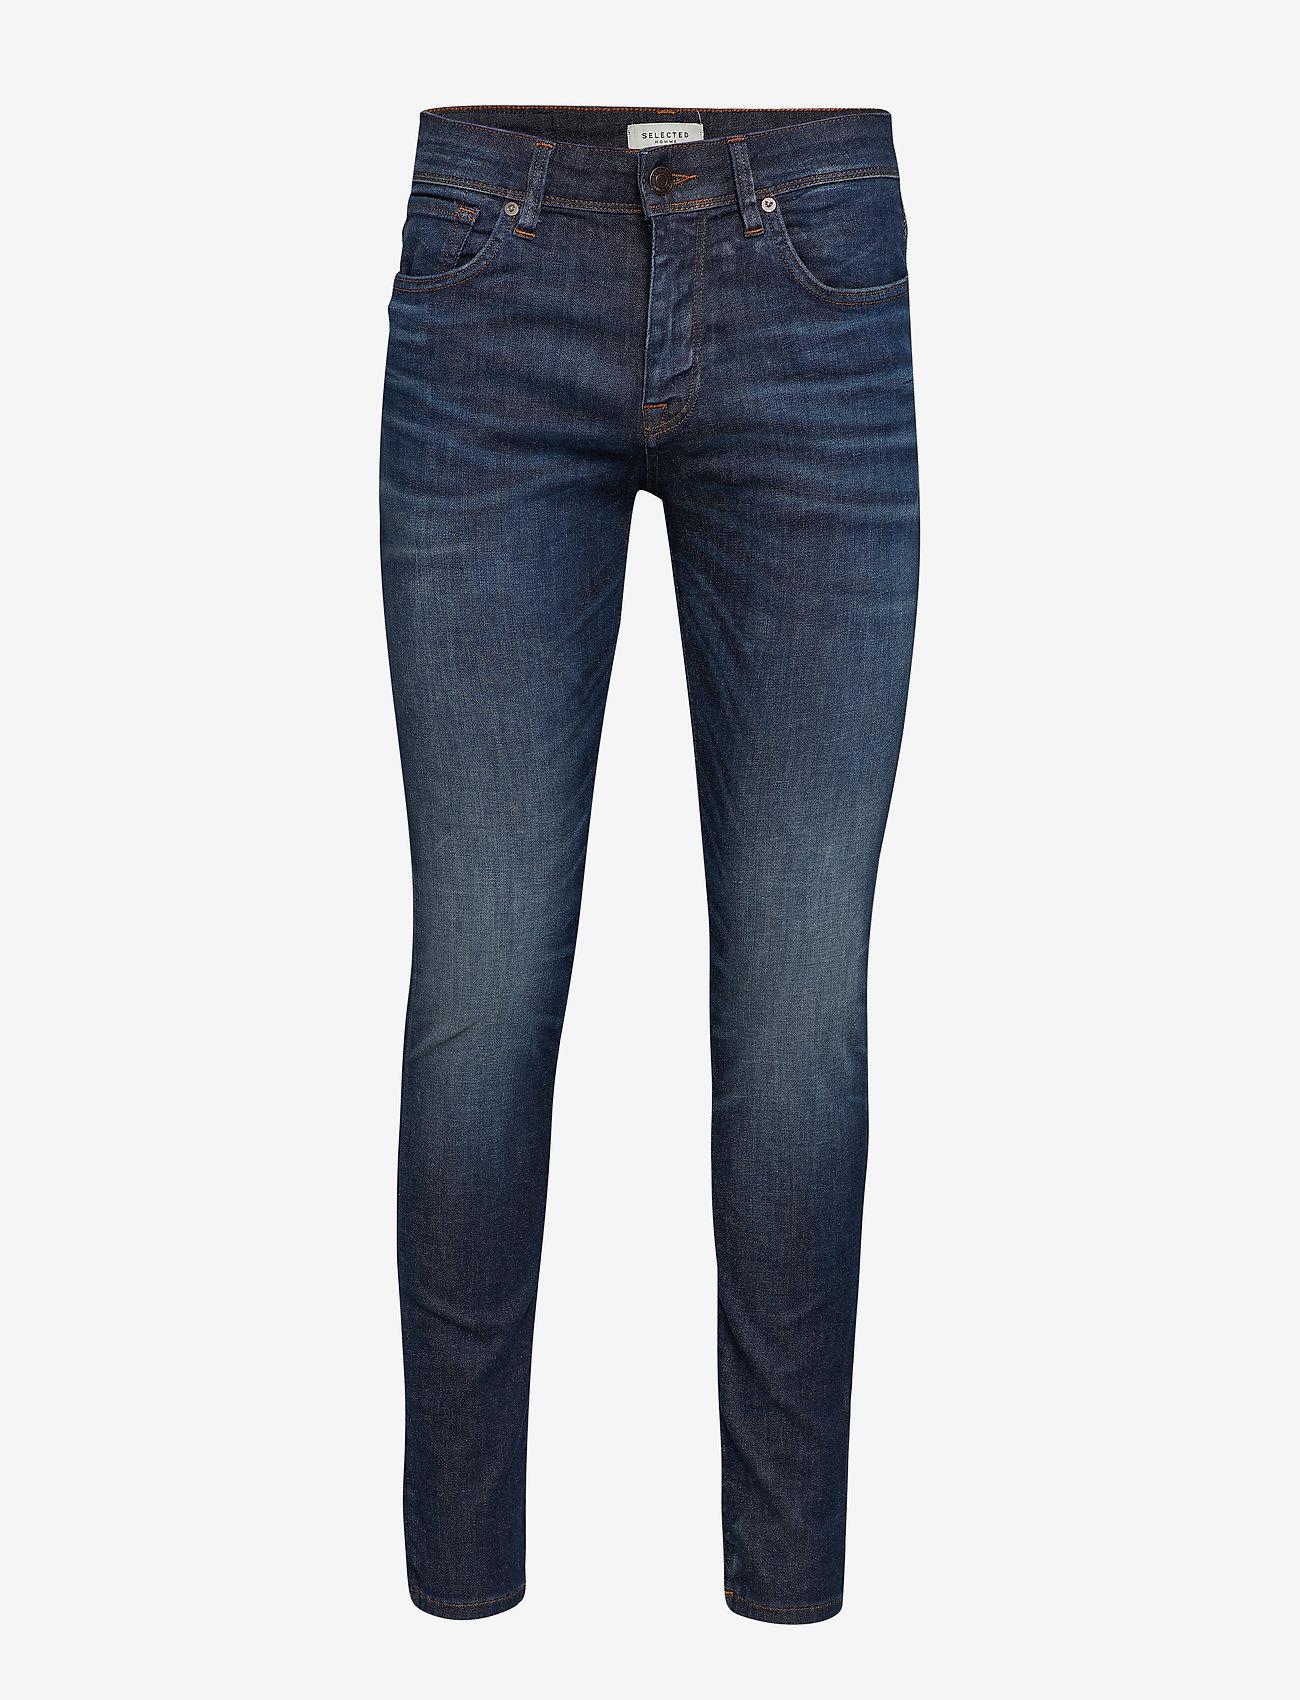 Selected Homme - SLHSLIM-LEON 6156 D.BLU SU-ST JNS W NOOS - slim jeans - dark blue denim - 0